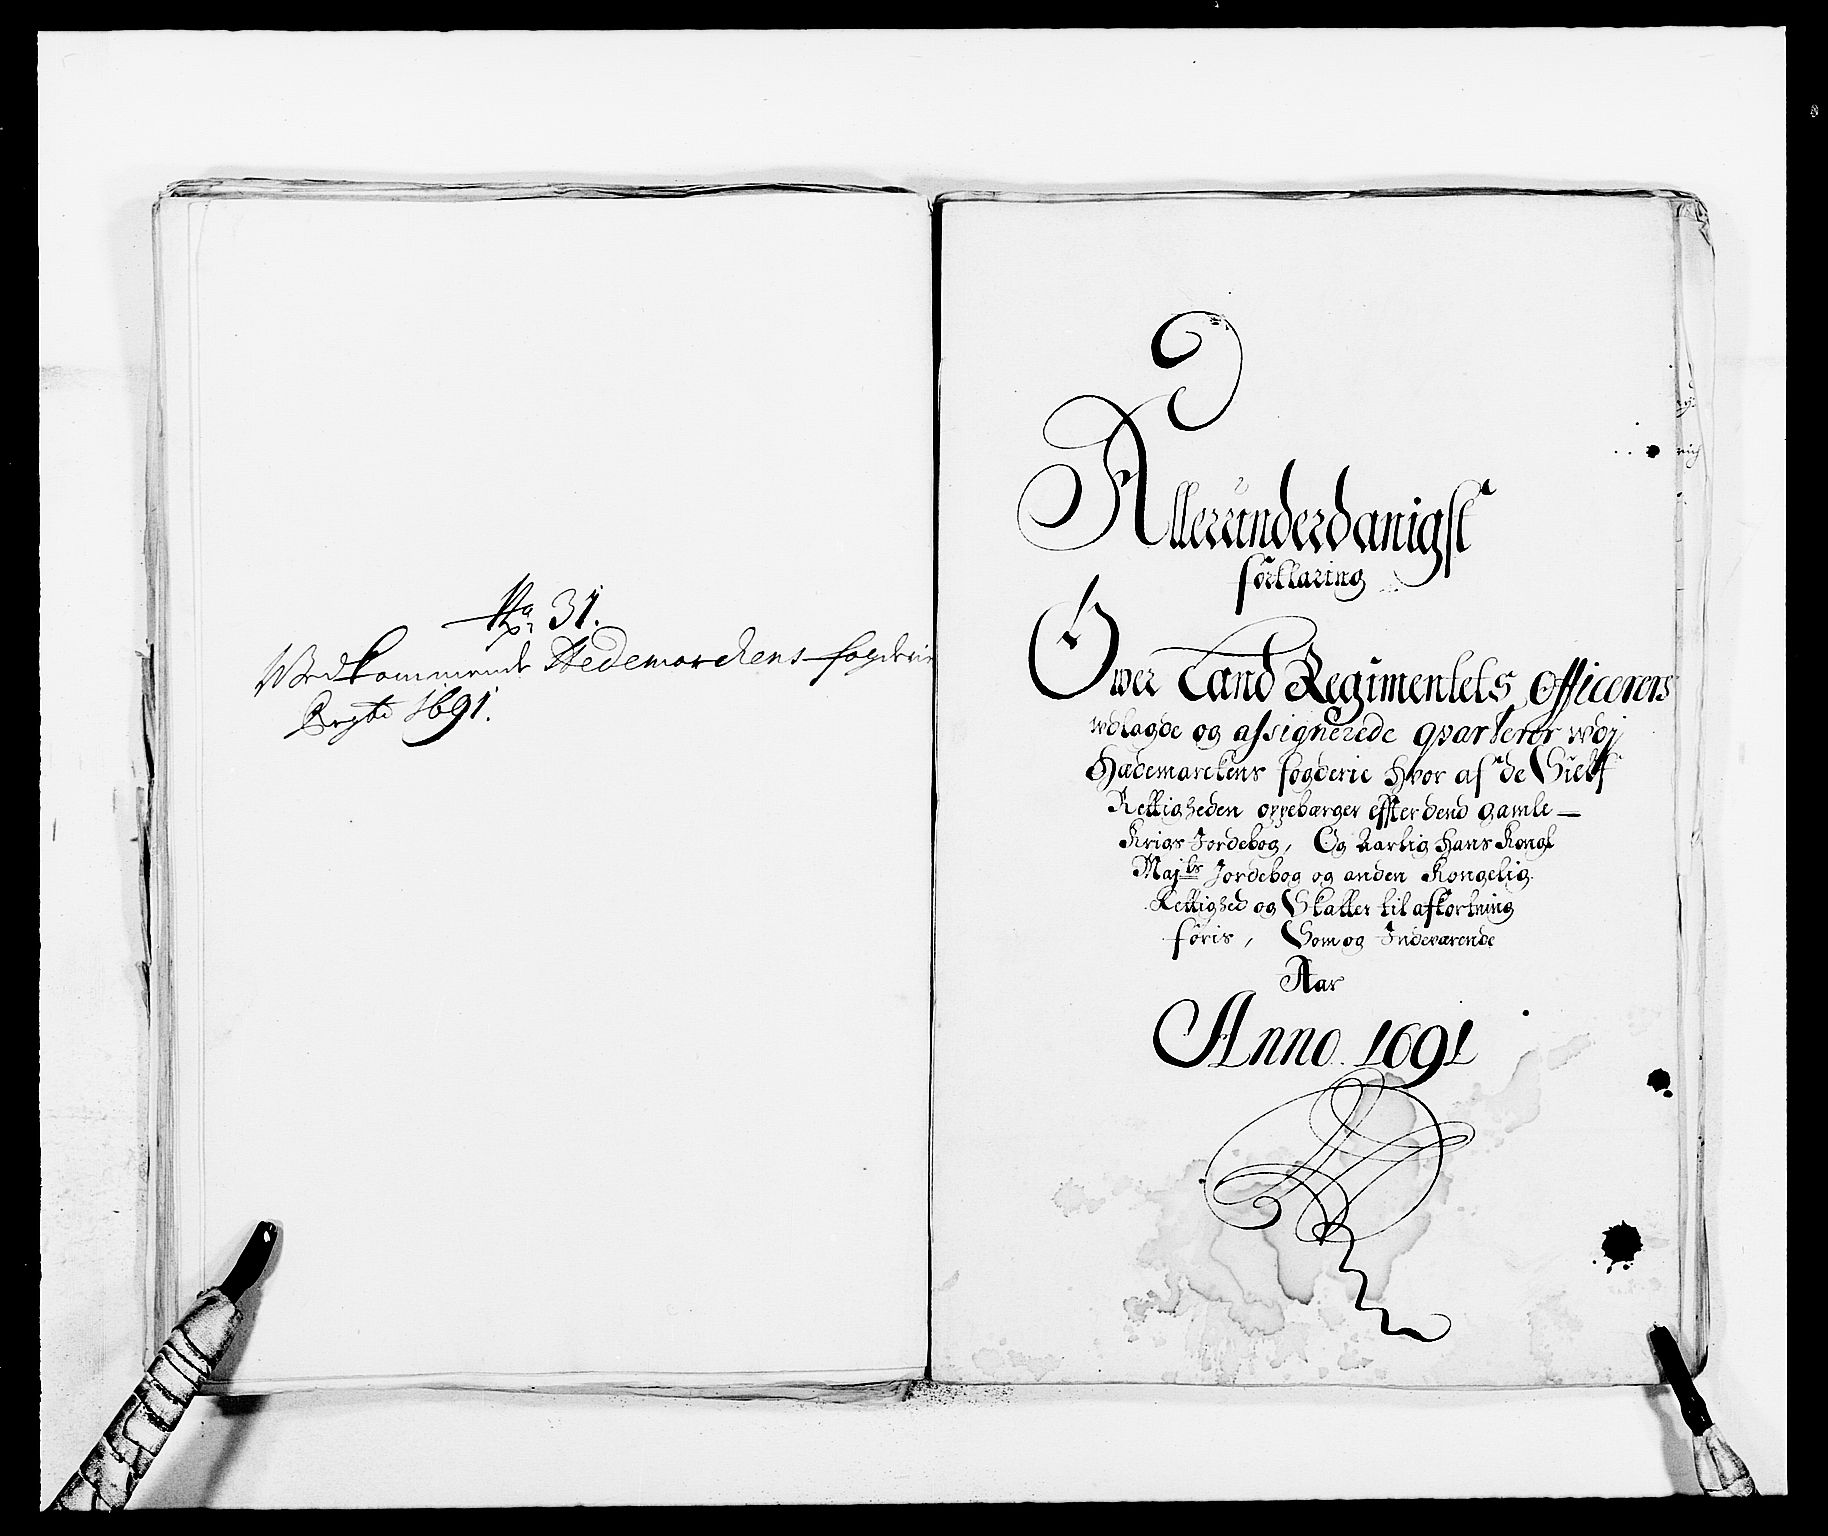 RA, Rentekammeret inntil 1814, Reviderte regnskaper, Fogderegnskap, R16/L1032: Fogderegnskap Hedmark, 1689-1692, s. 19